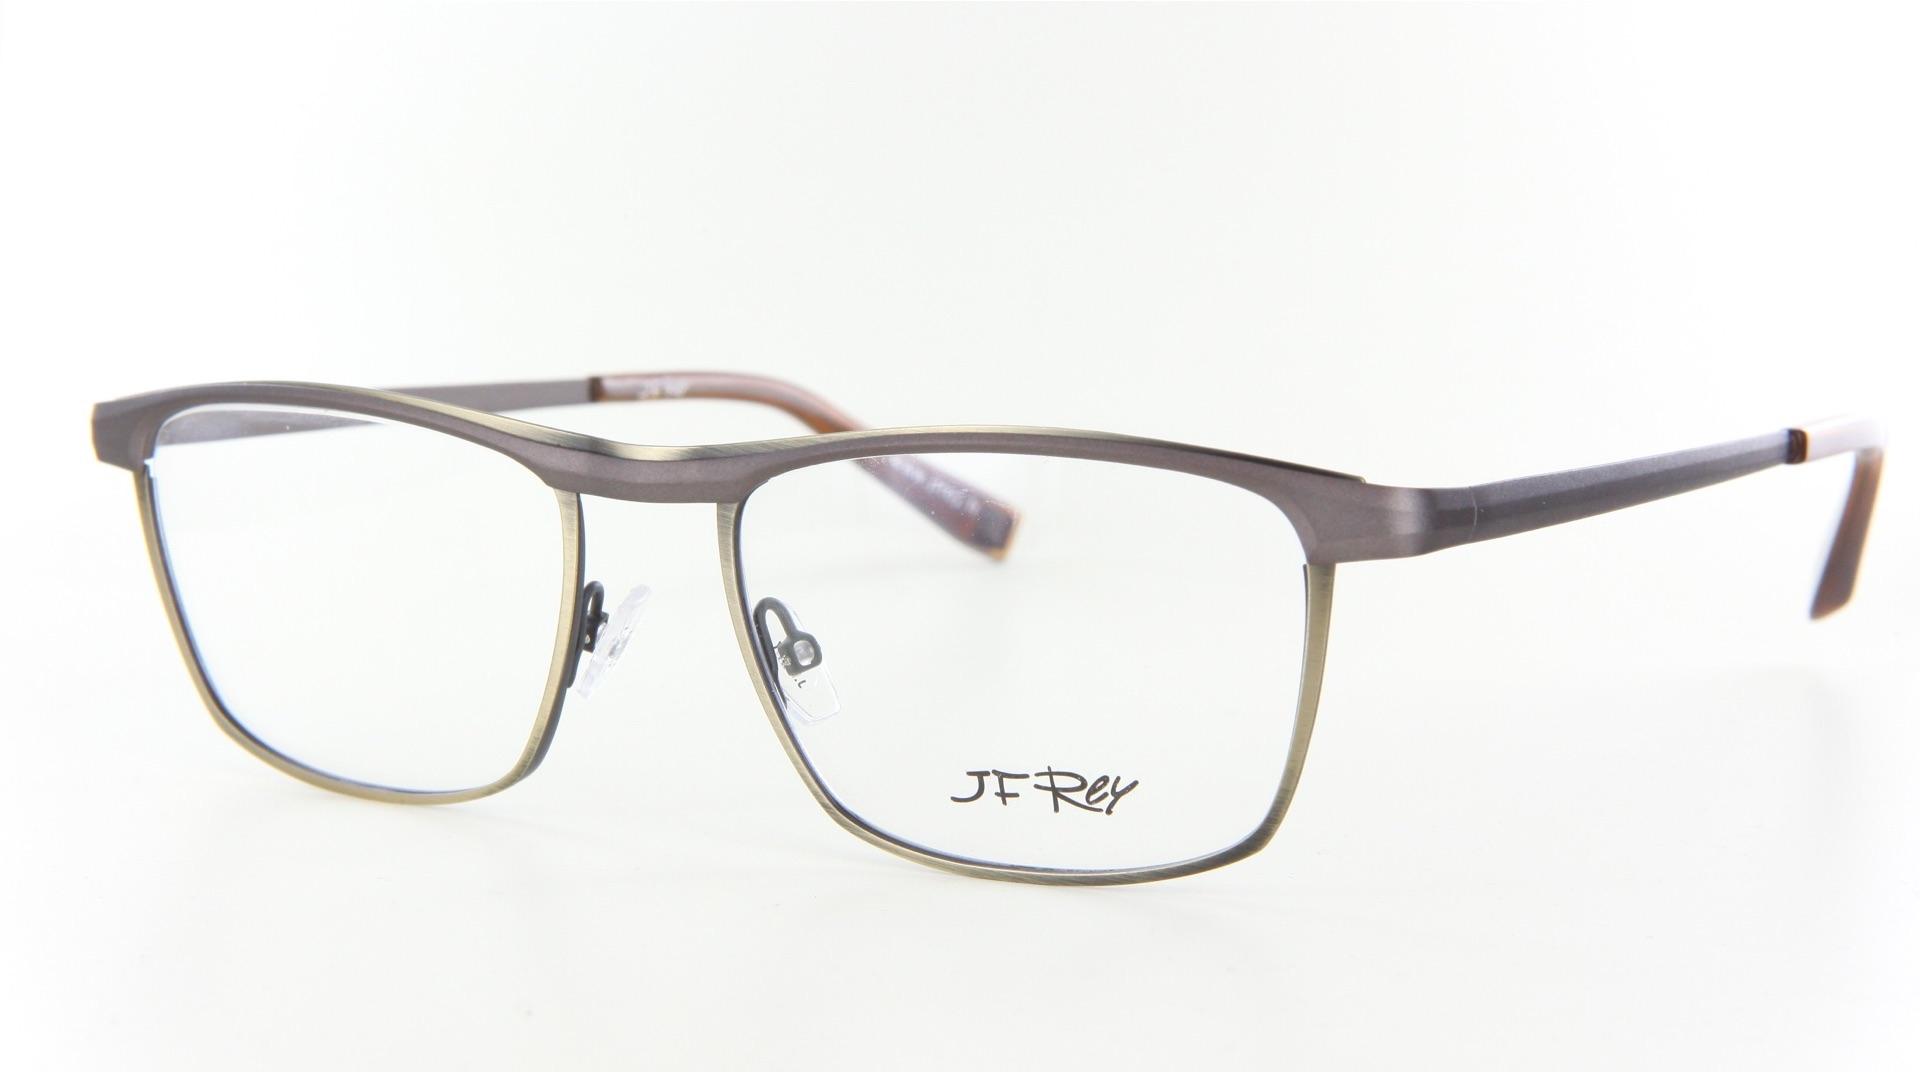 J.F. Rey - ref: 75663